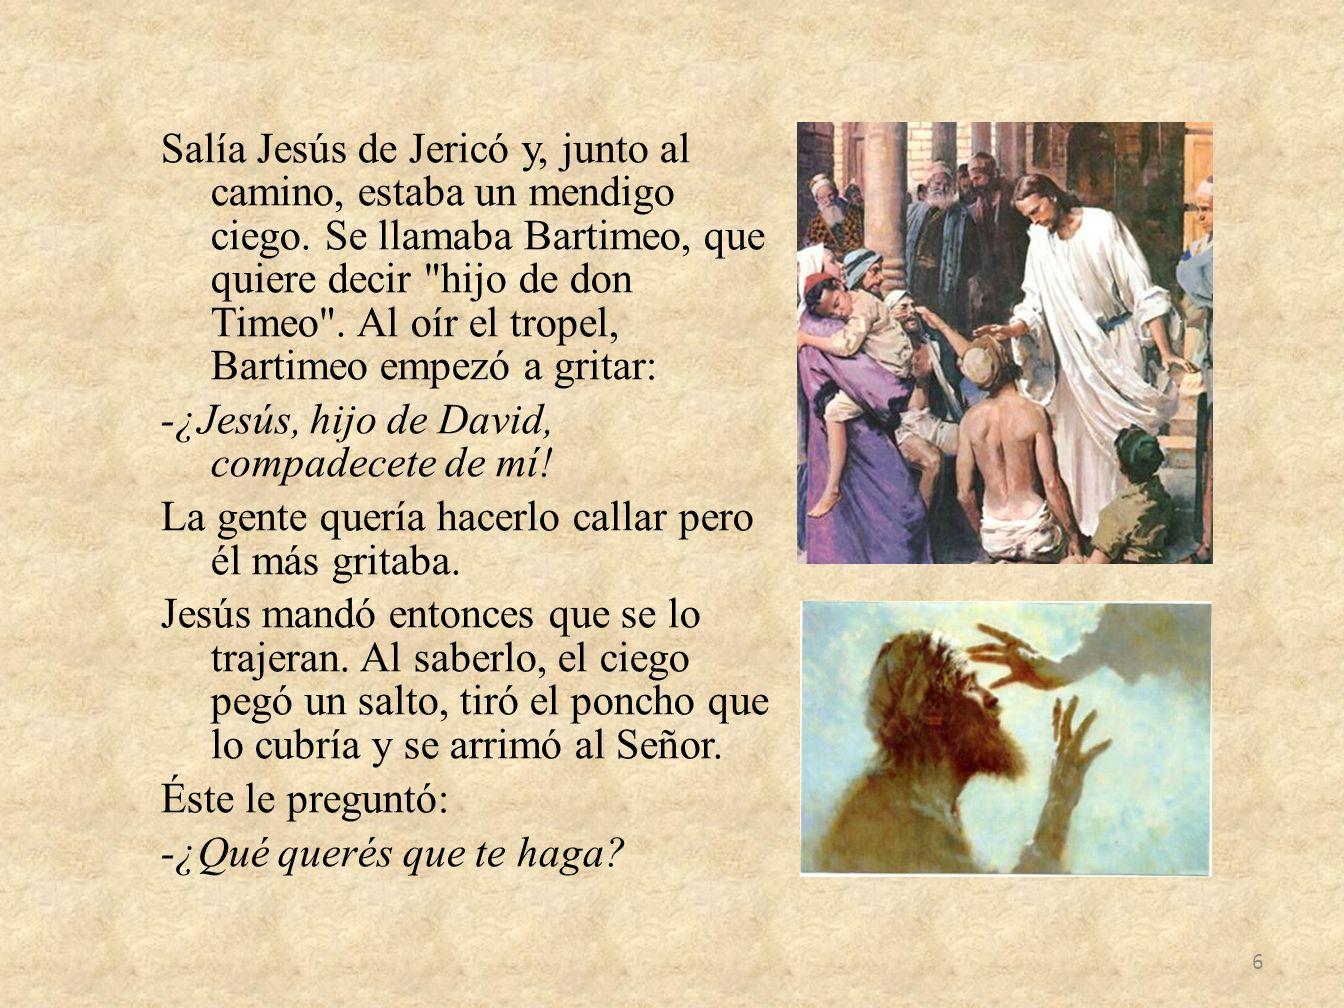 - Los sacramentos no sólo suponen la fe, sino que con las palabras los elementos rituales la alimentan, fortalecen y expresan.